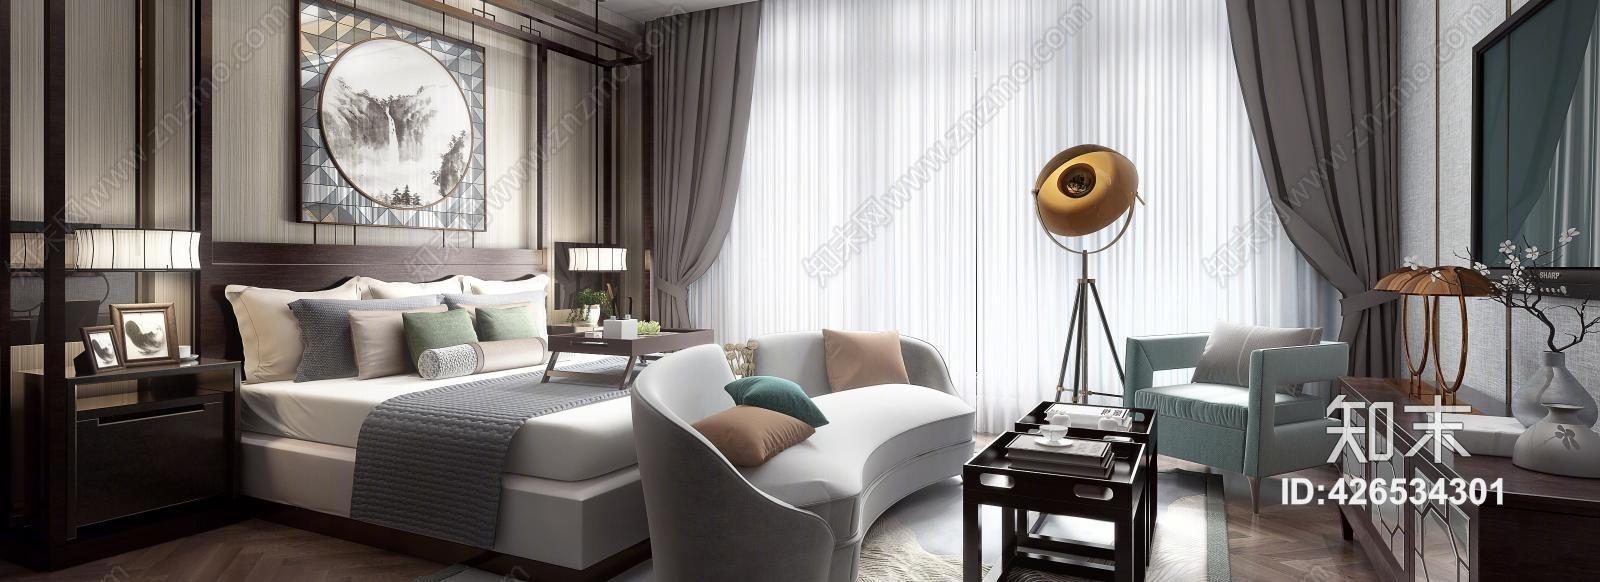 新中式别墅主卧室 床头柜 床尾凳 双人床 床 单人床 吊灯 挂画 壁灯